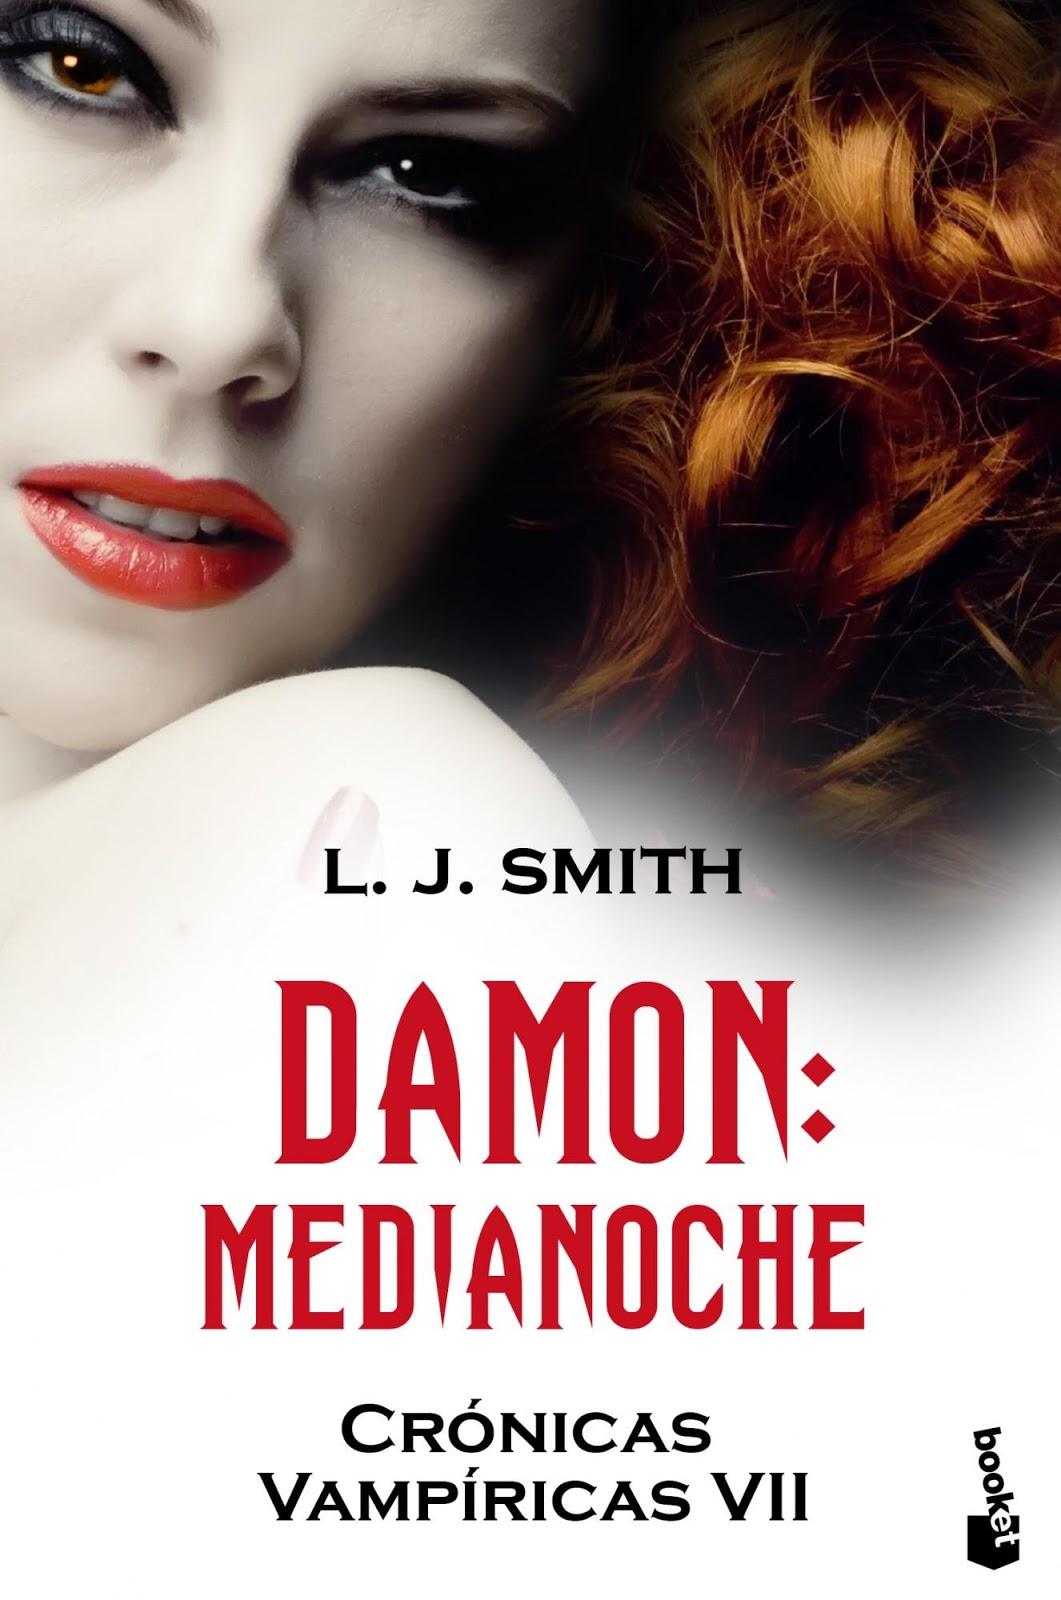 NOVEDADES: Damon. Medianoche (Crónicas Vampíricas 7) : L. J. Smith [9 de abril 2013, booket] Edición de bolsillo